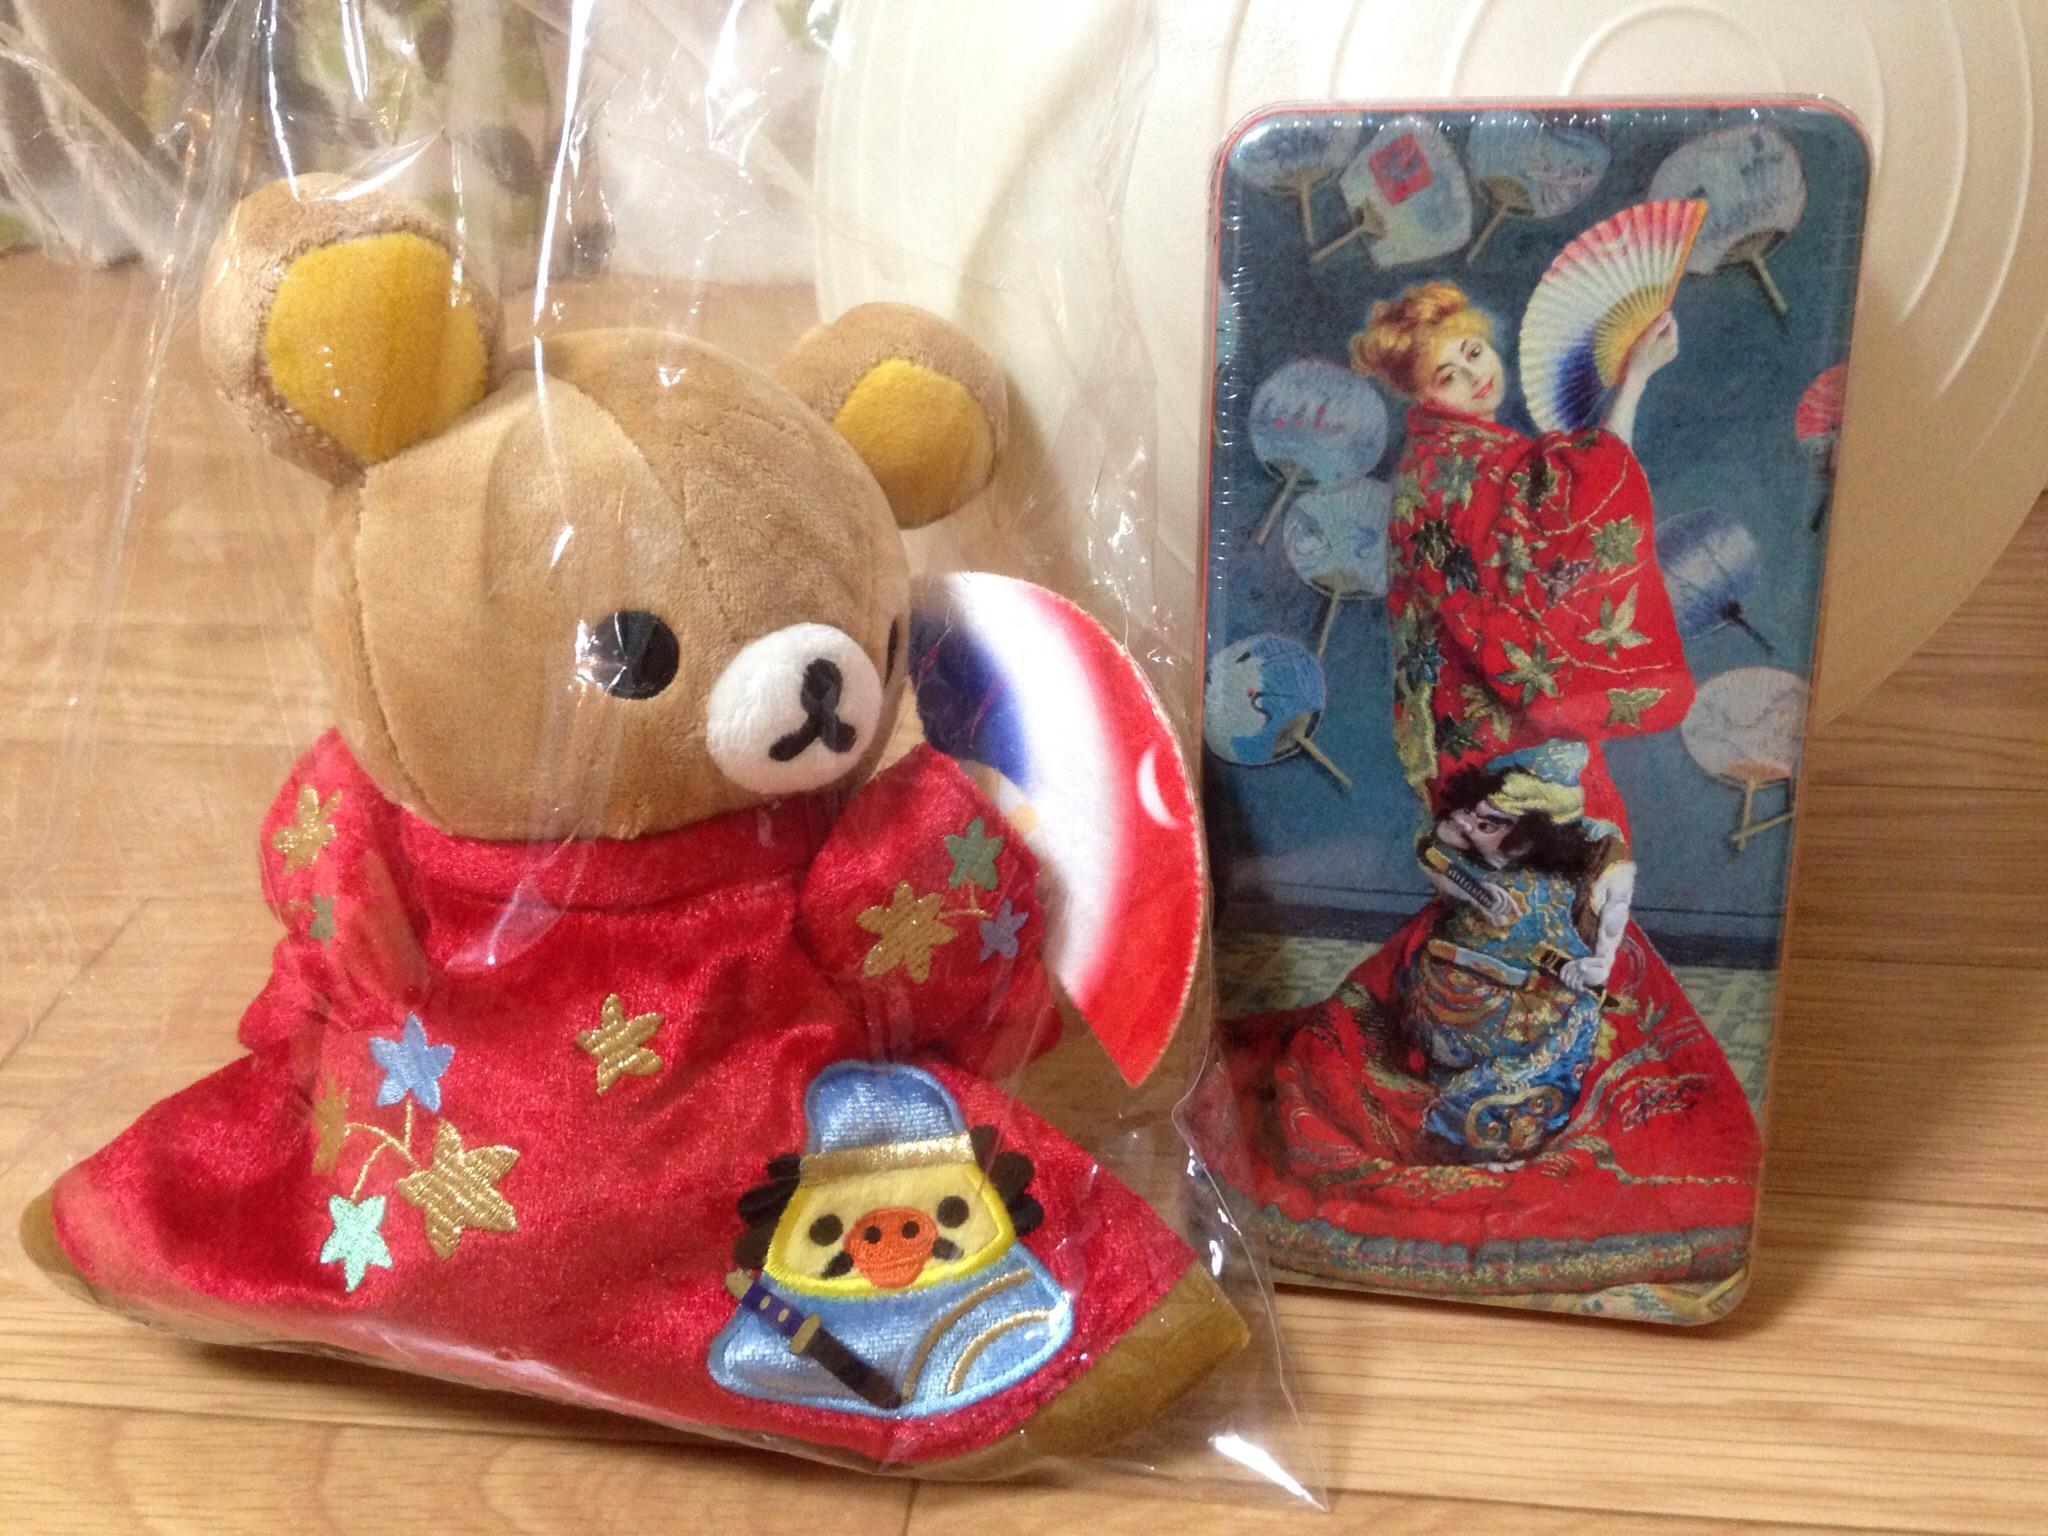 리락쿠마 - 일본 의상을 입은 카미유 버전